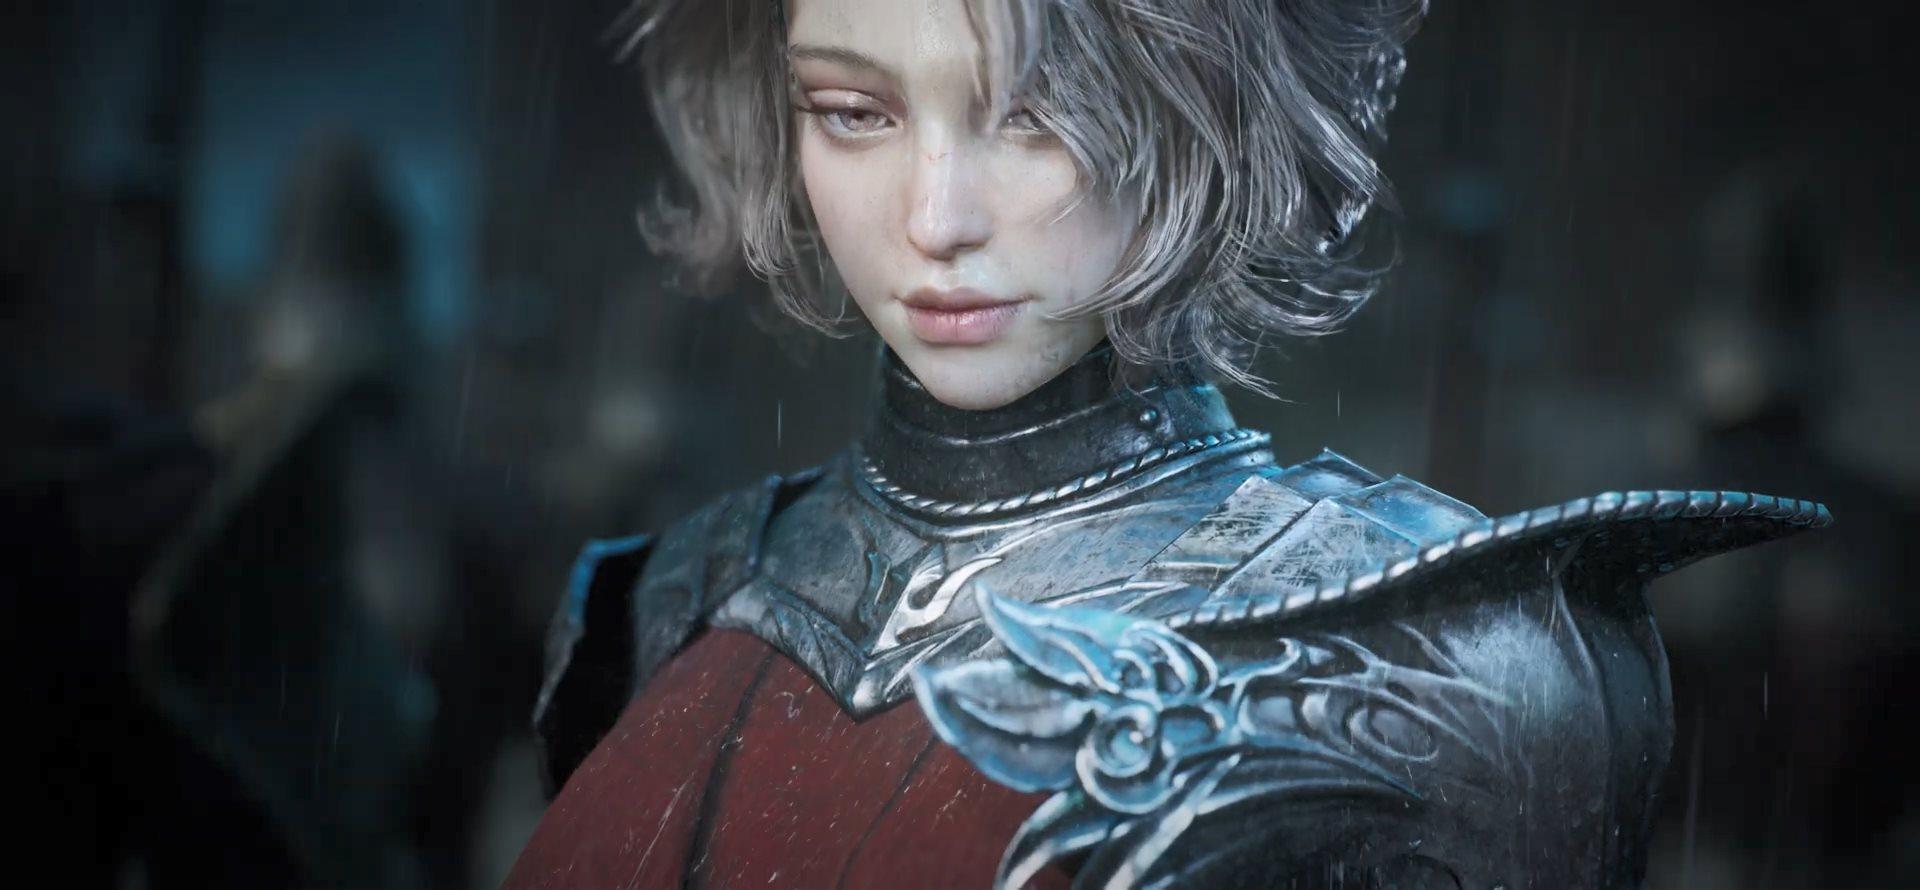 韩国MMORPG《时空奥德赛》宣传片发布 画面恢宏唯美